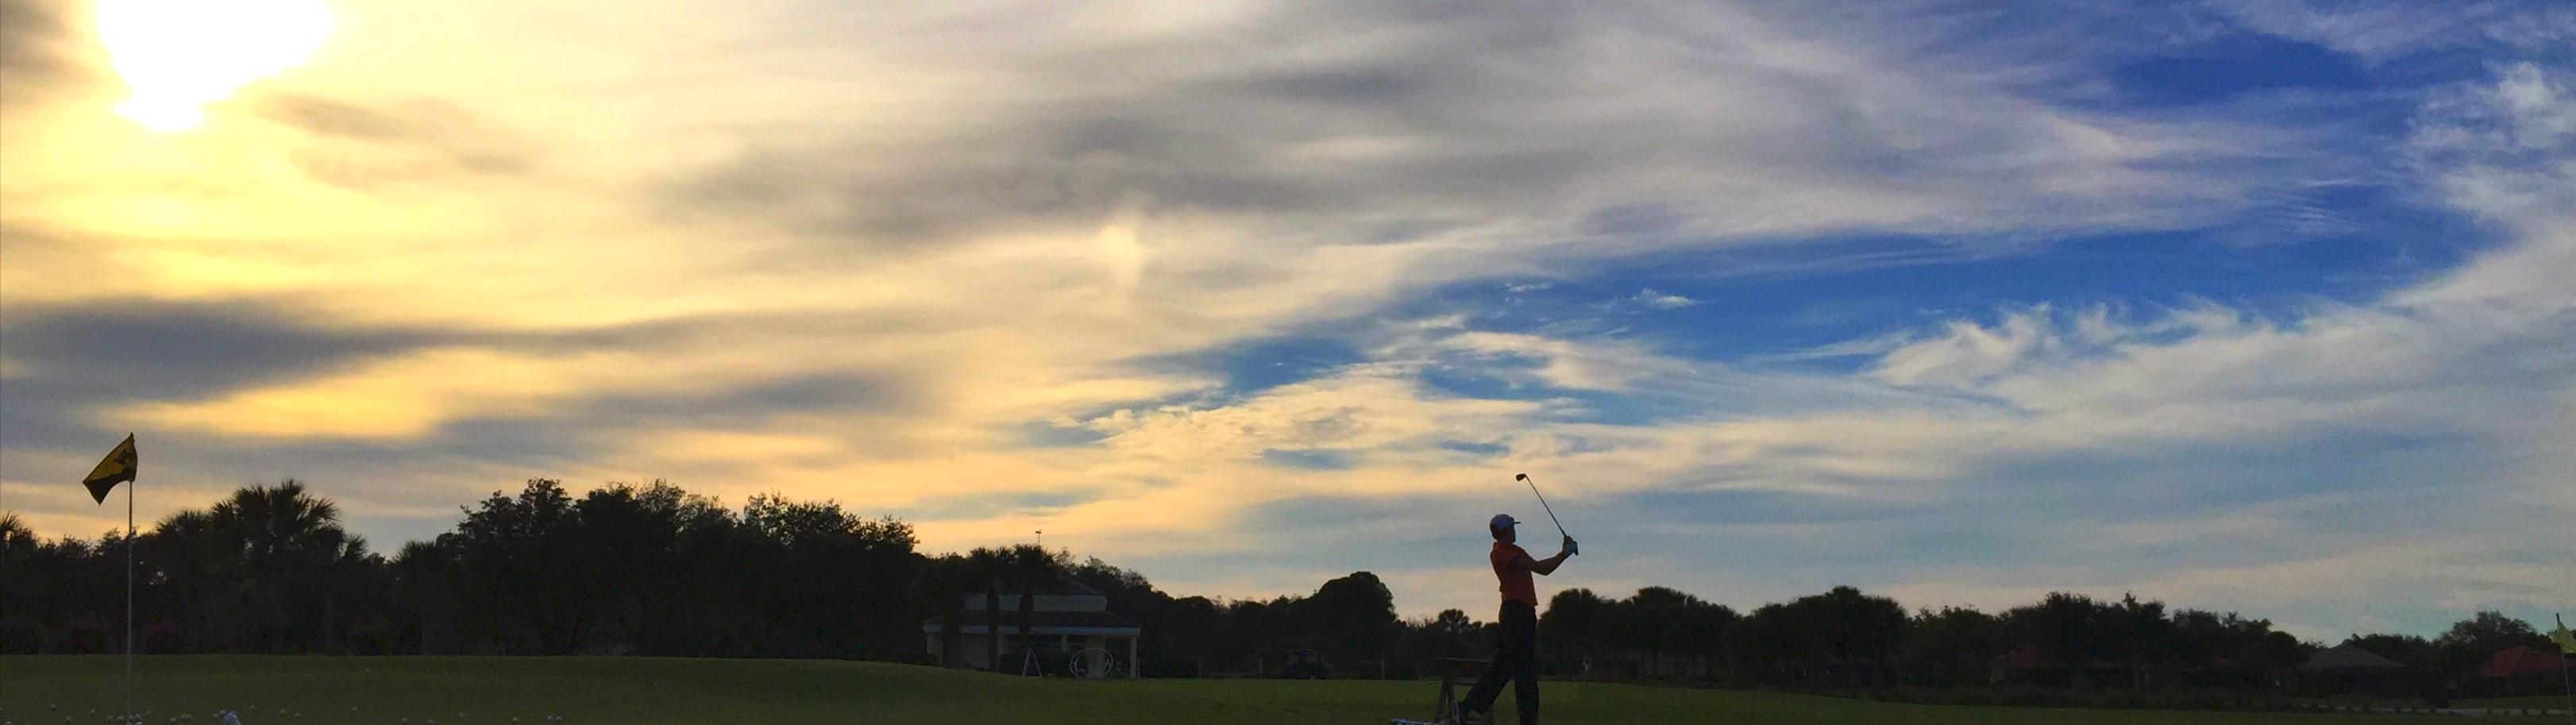 2015-01-25 Golfer